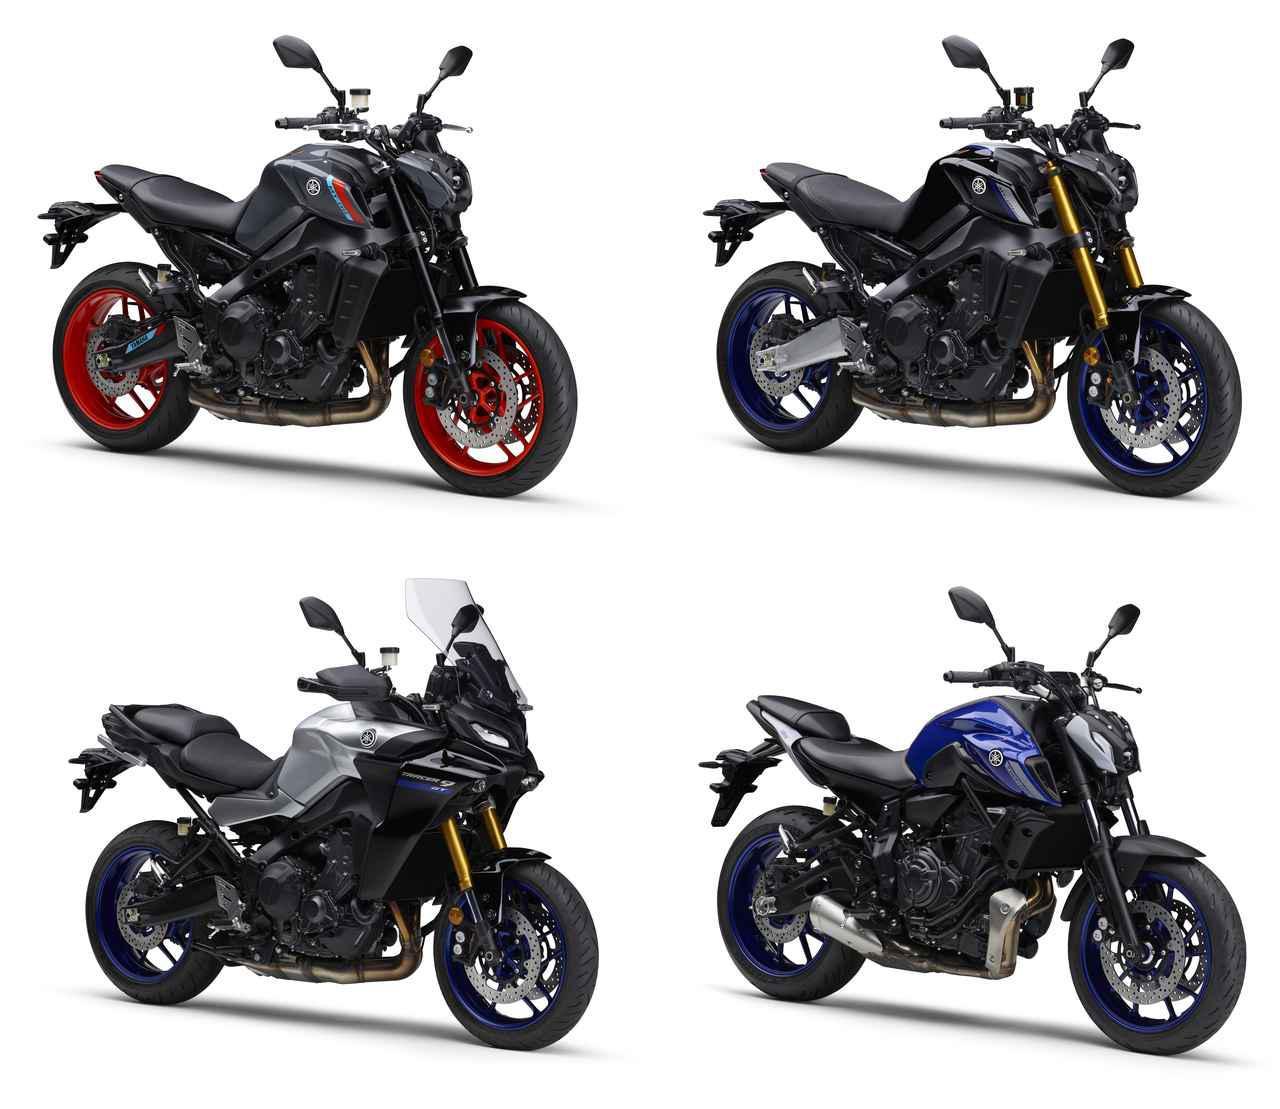 画像: ヤマハが新型MT-07/MT-09/MT-09 SP/トレーサー9 GTの国内モデルを一挙発表! 発売日はいつ? 価格はいくら?【まとめ】 - webオートバイ